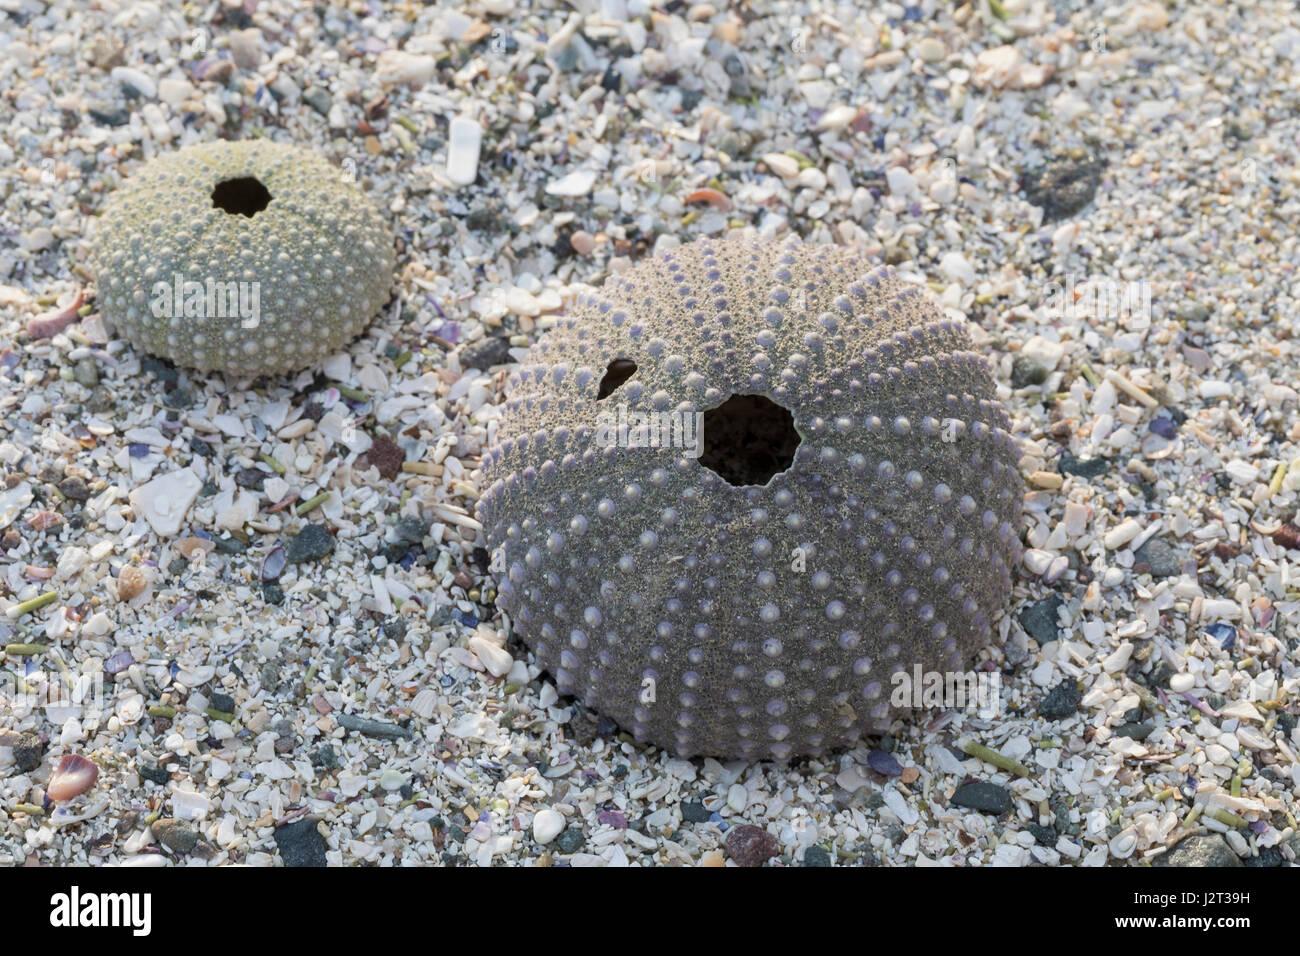 Seeigel-Skelett am Strand, Spülsaum, Skelett eines regelmäßigen Seeigel, Regularia, Seeigel-Kalk - Stock Image